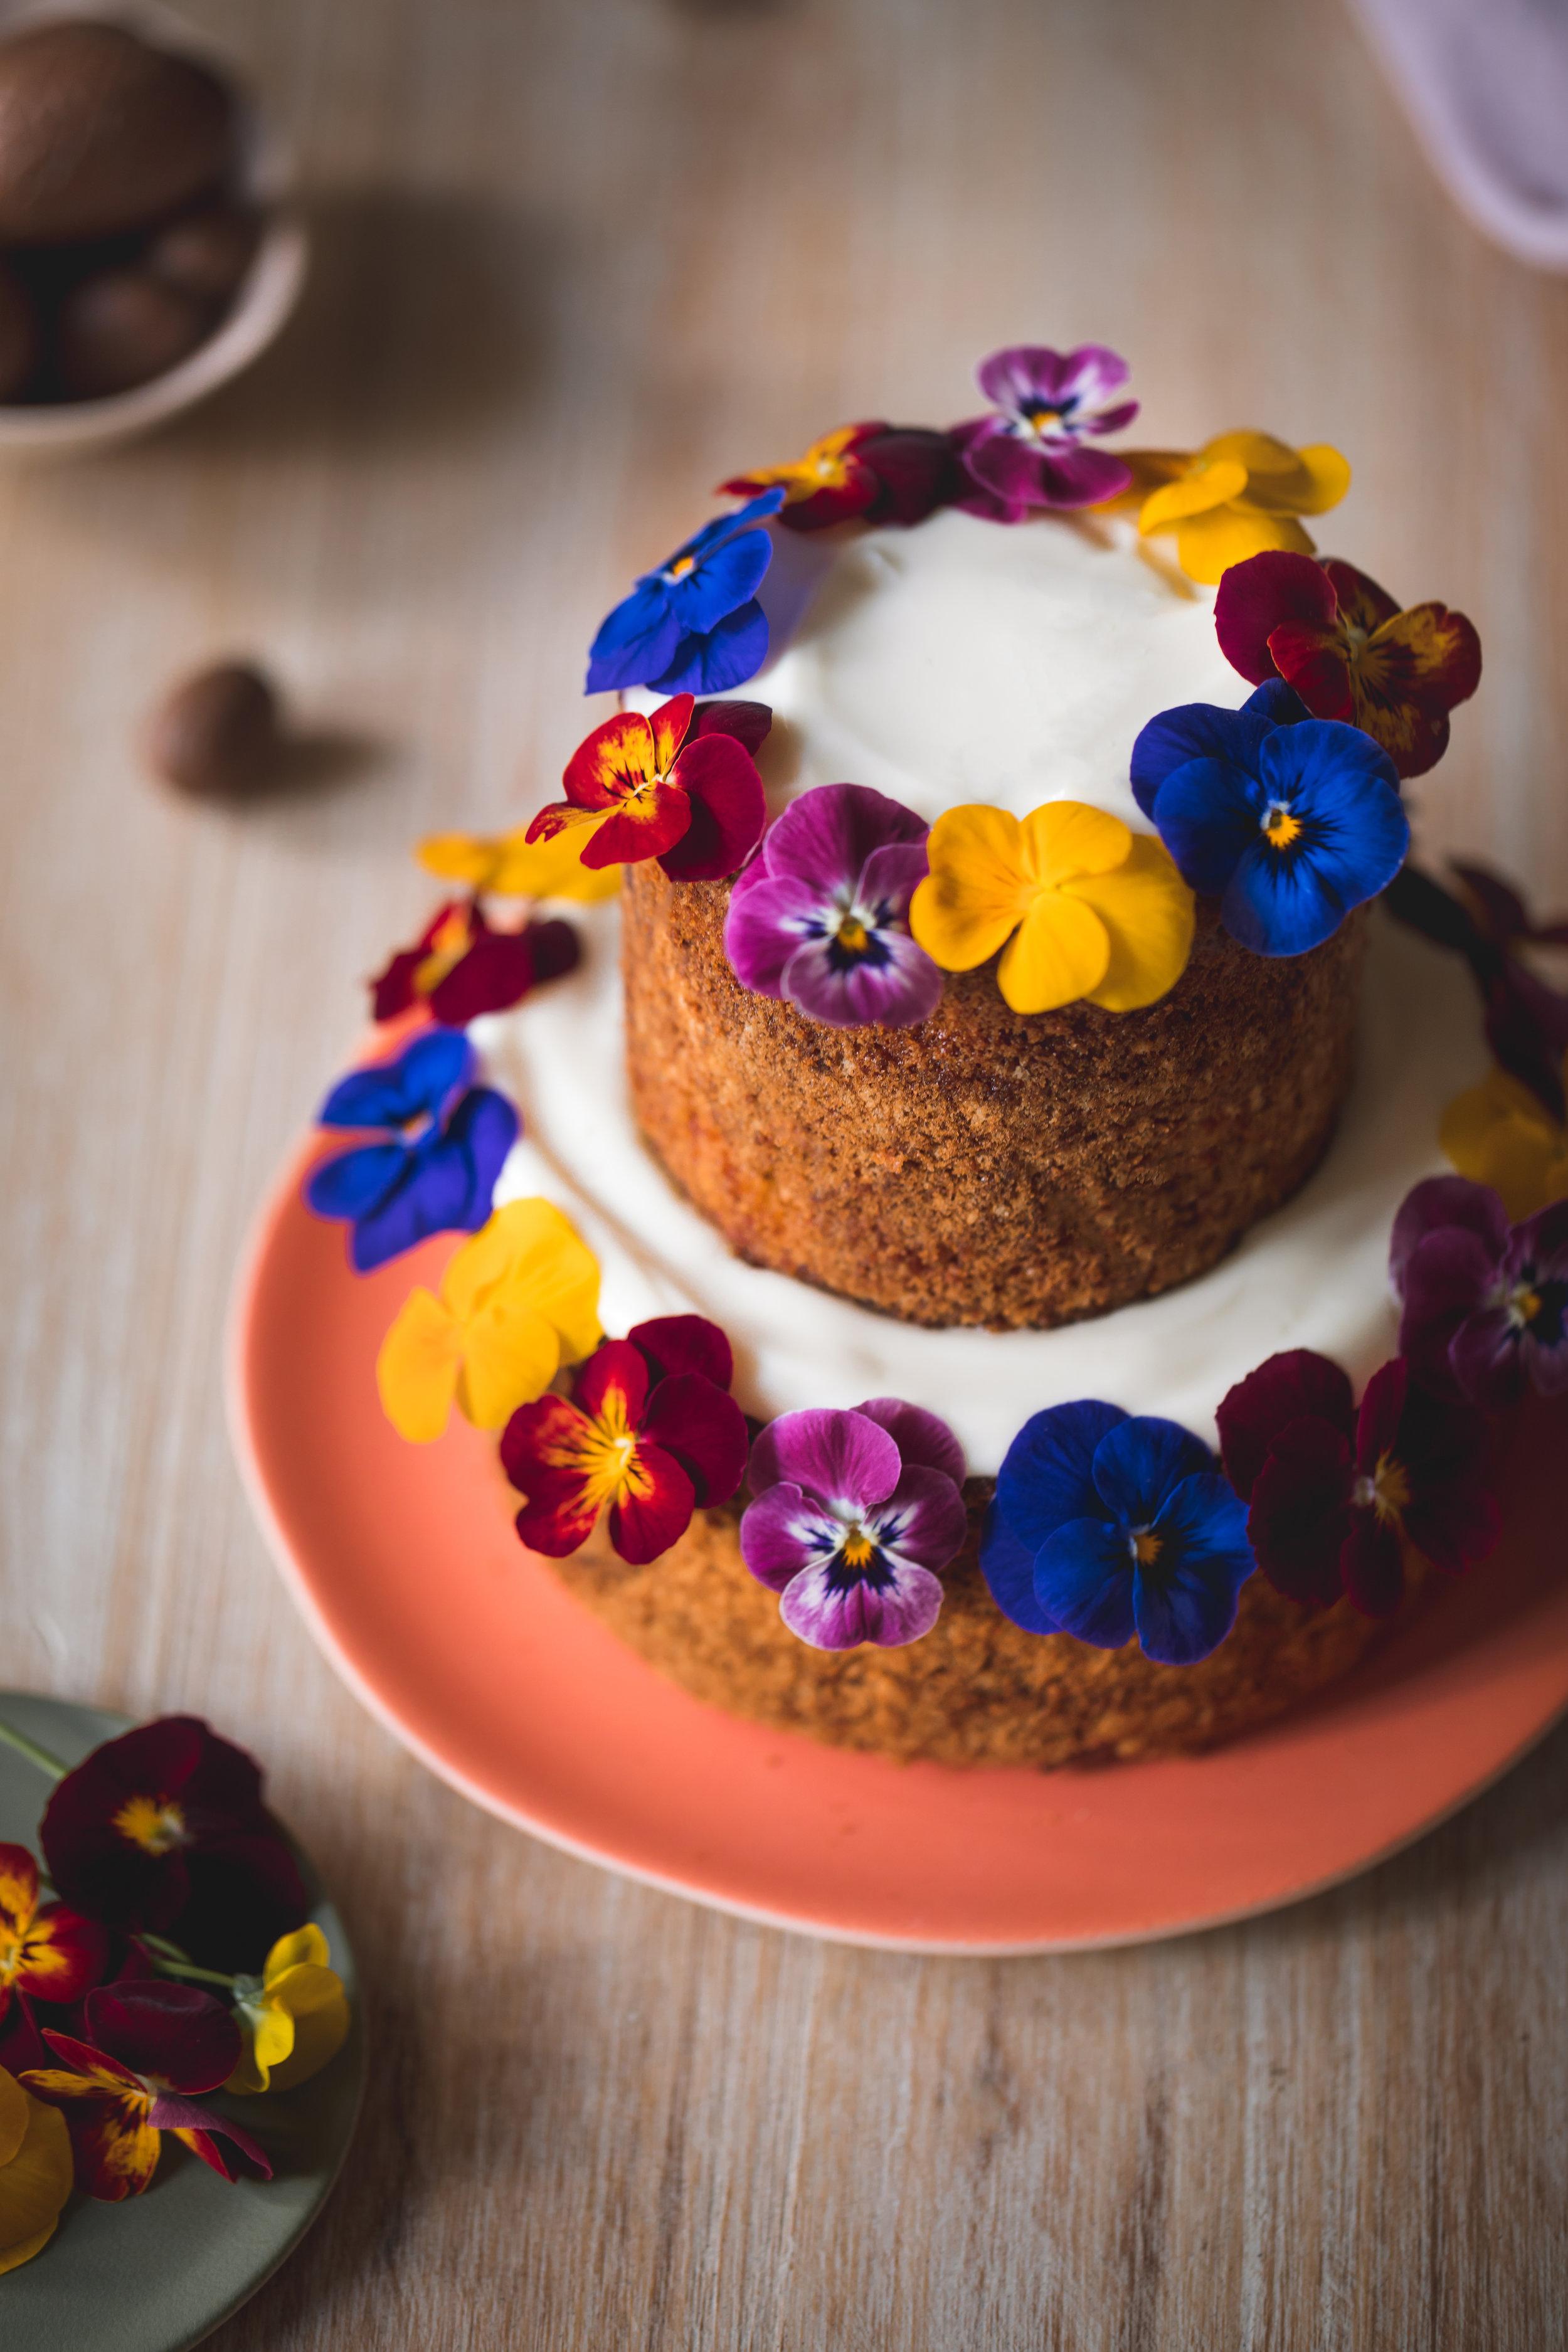 Gâteau à la carotte et aux noix de pecan décoré de fleurs comestibles